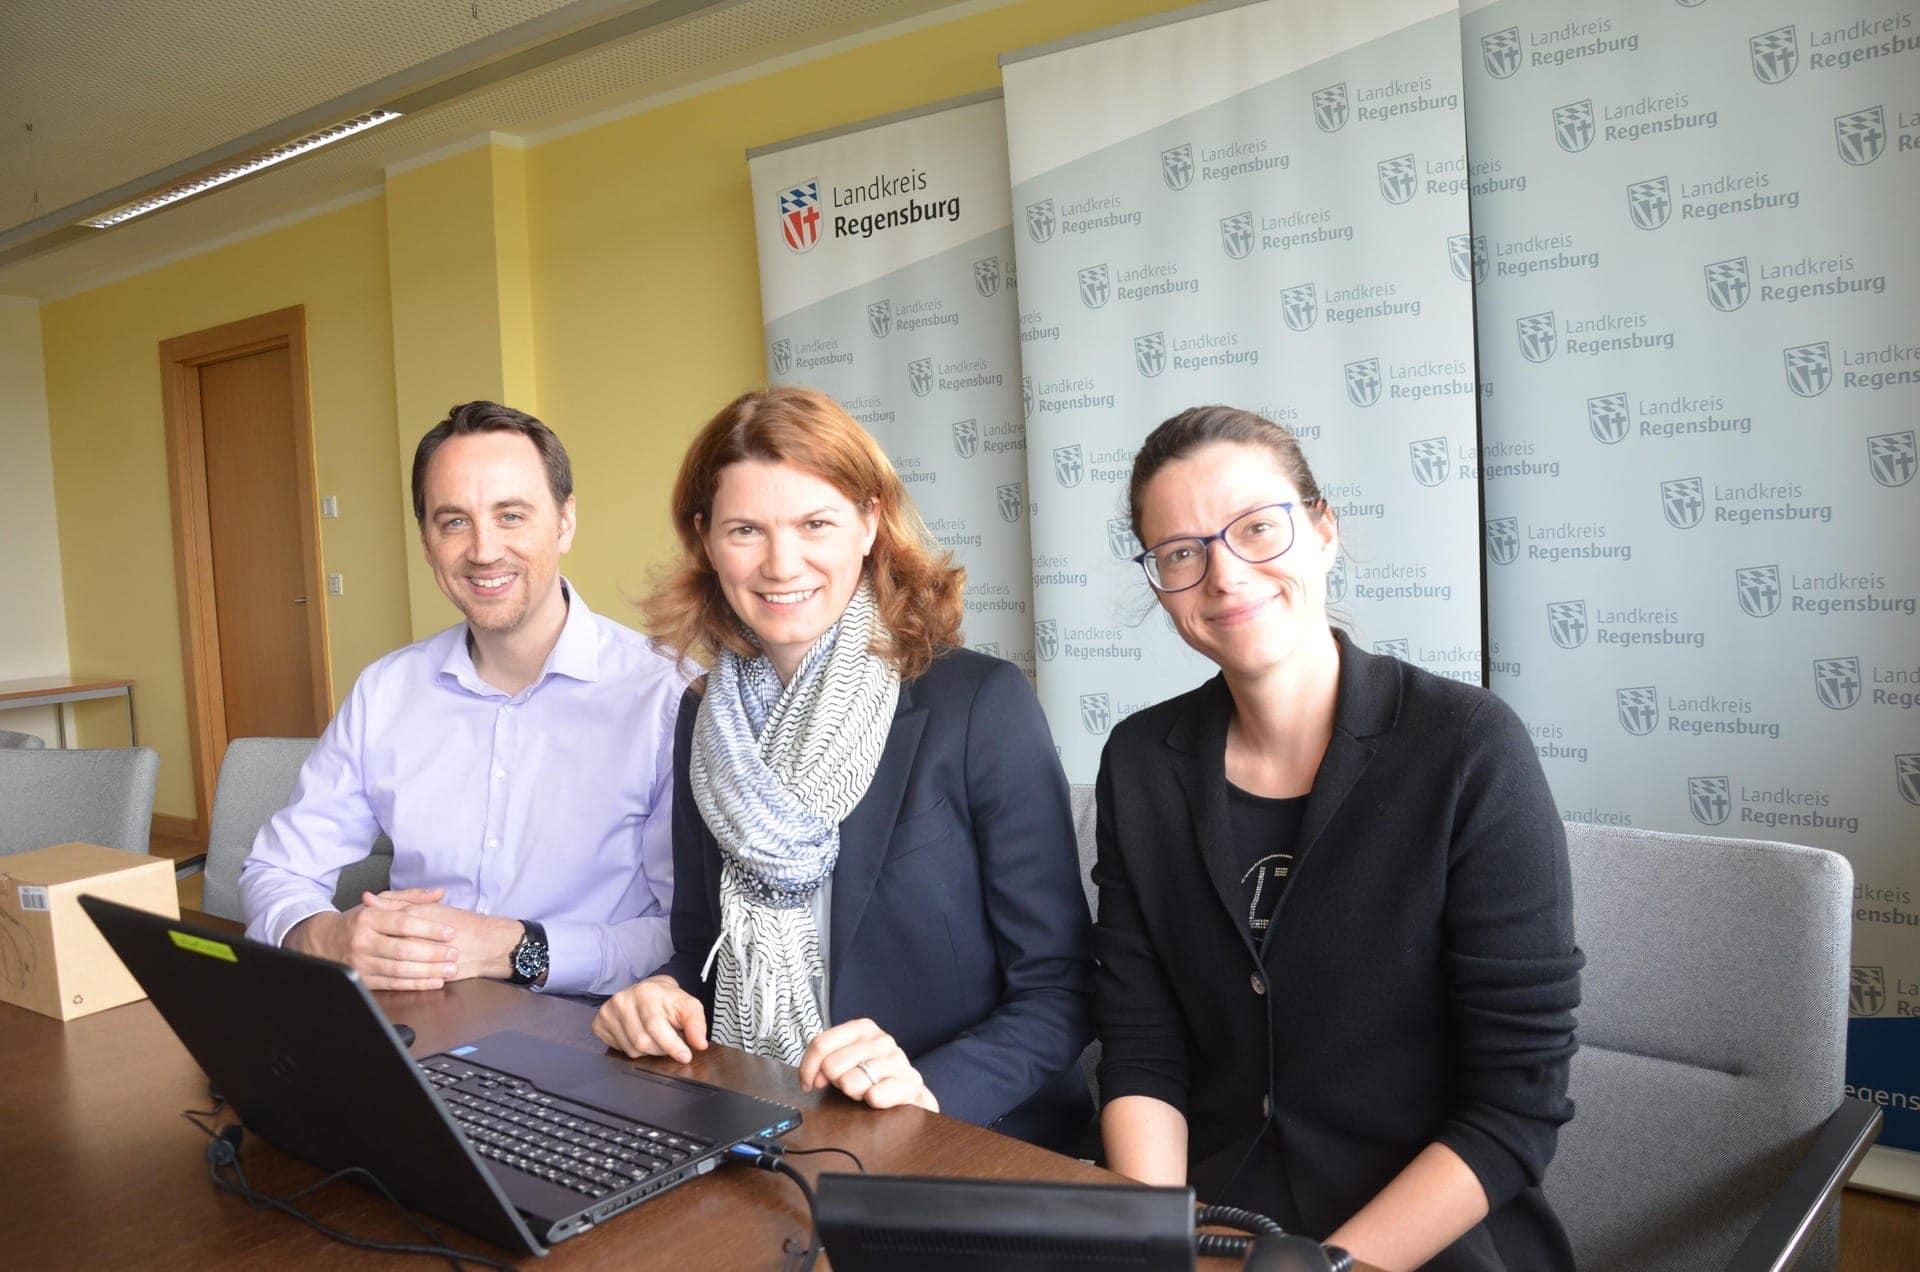 Blizz Plus – Mehr als Print Dank Blizz: Virtueller Rundgang durchs Landratsamt Regensburg möglich